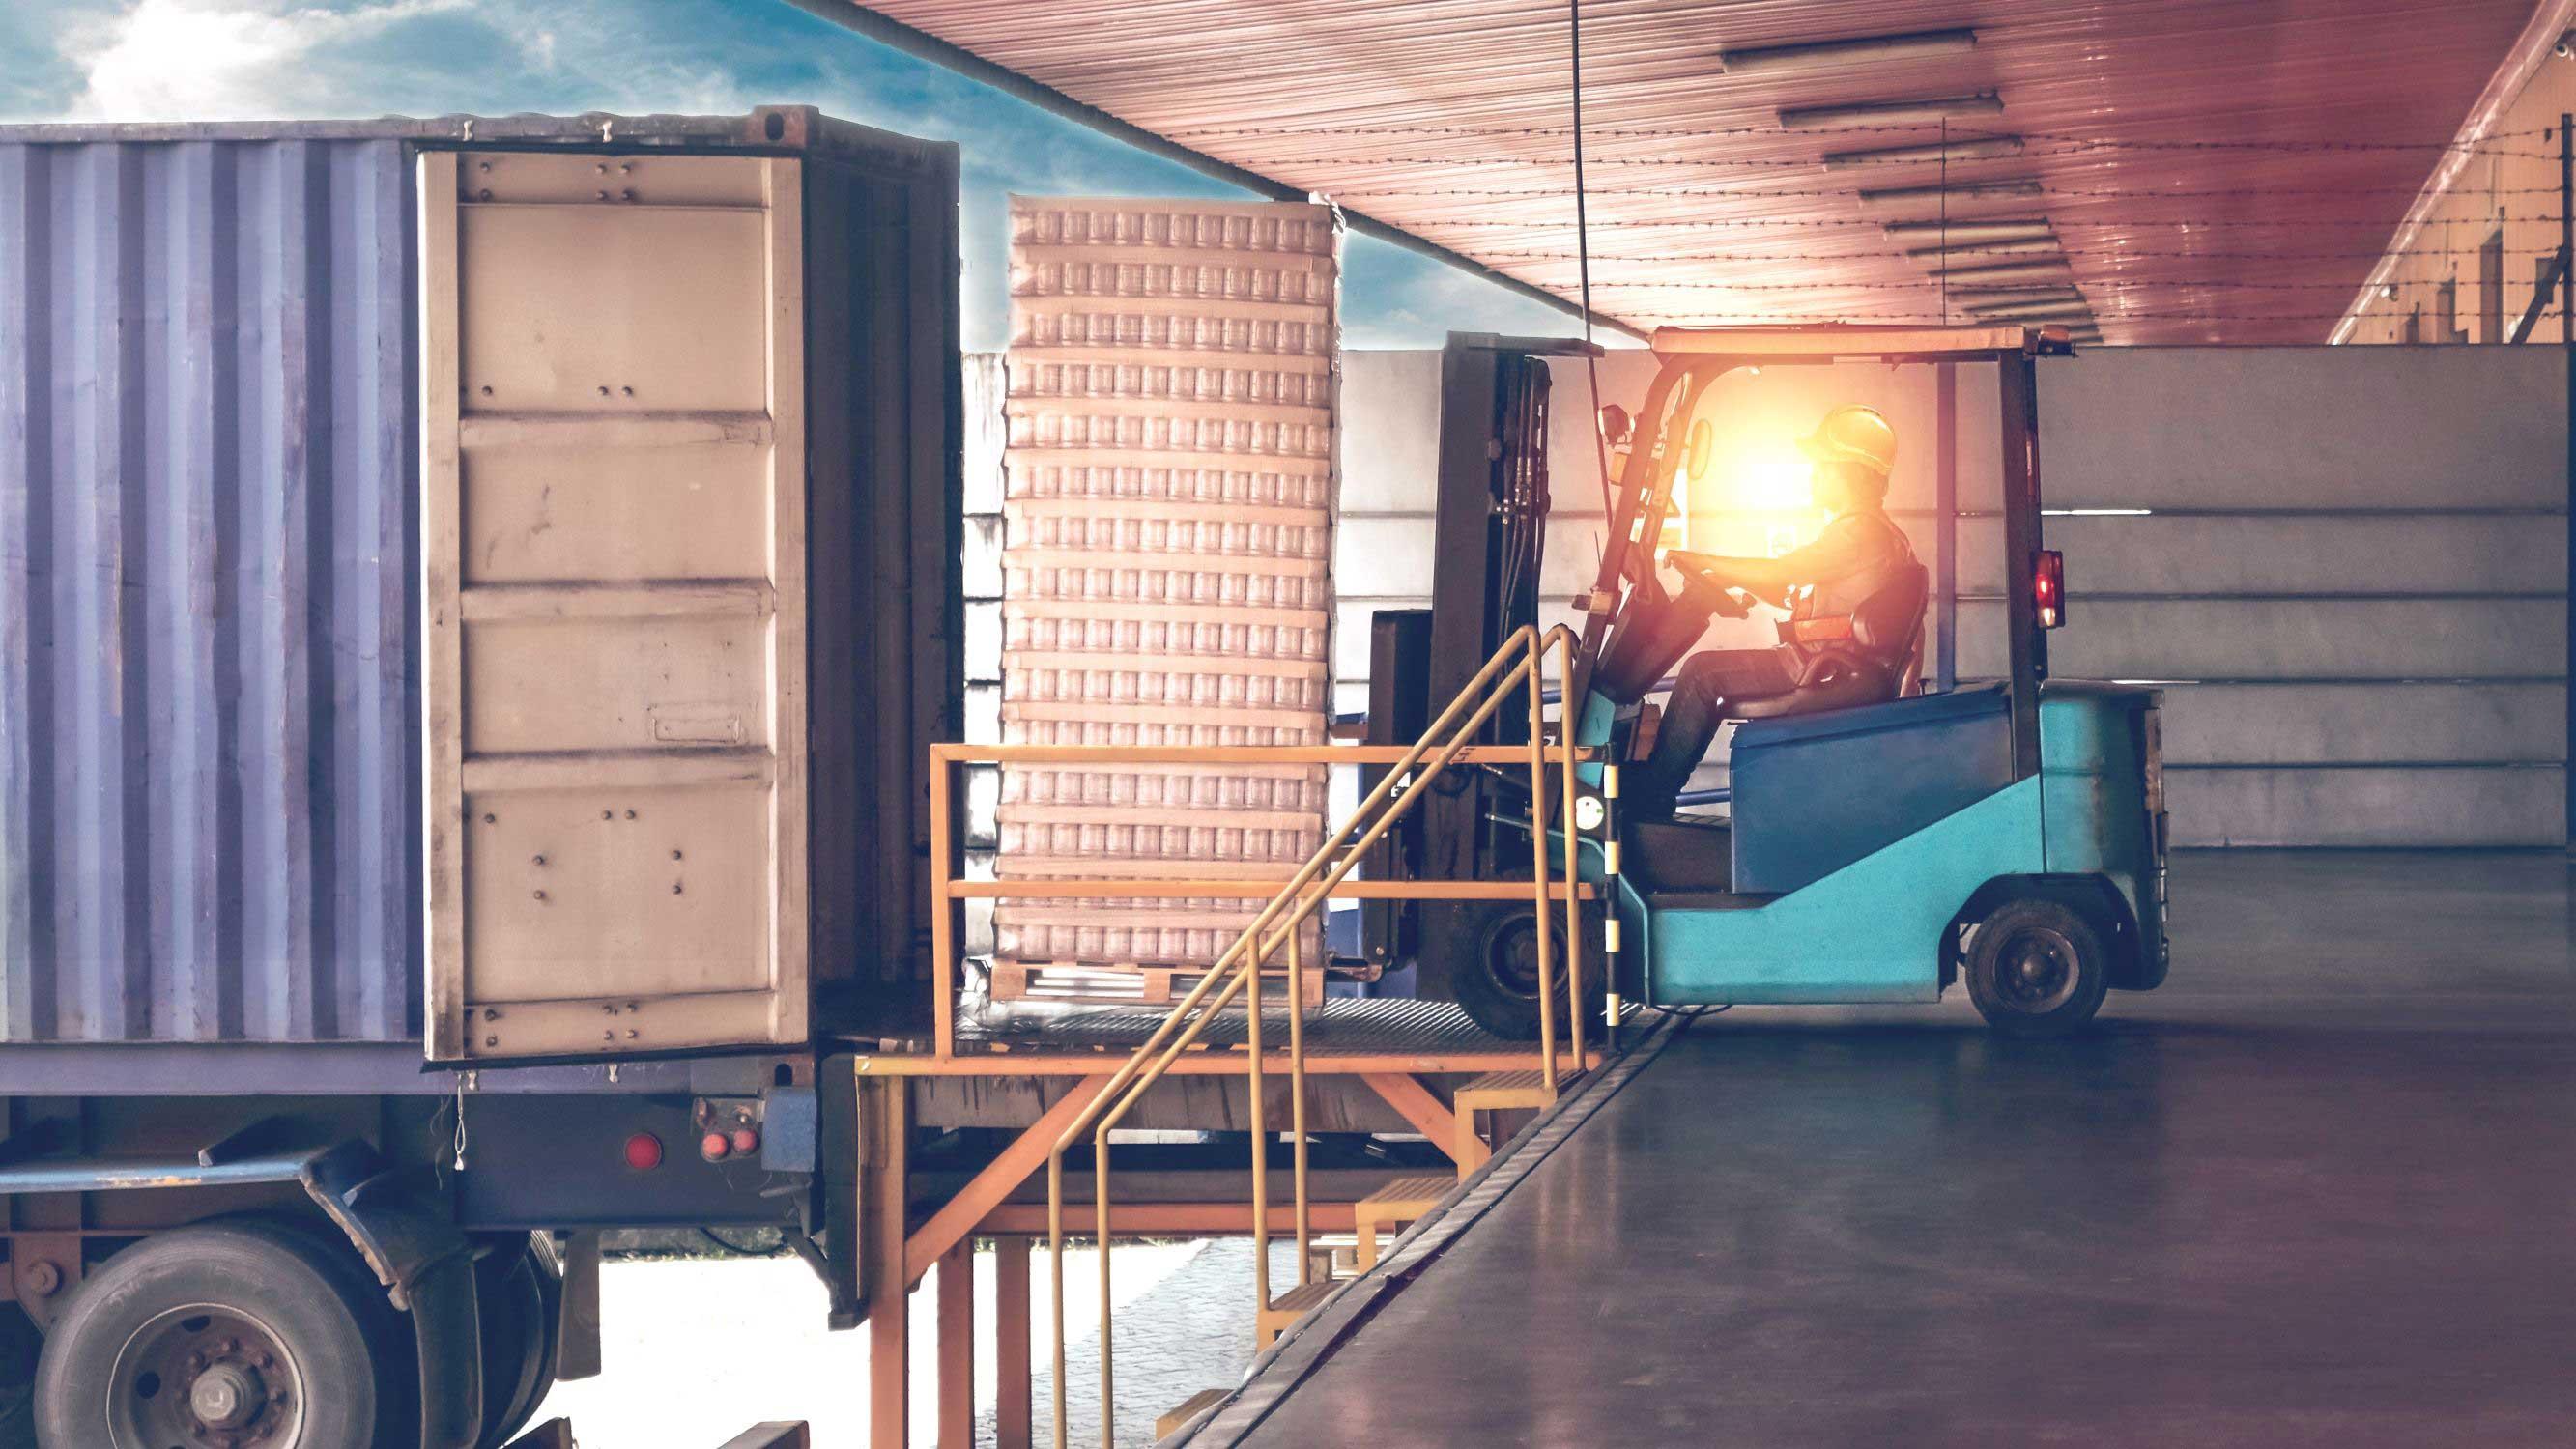 How to Avoid Forklift Hazards When Loading & Unloading